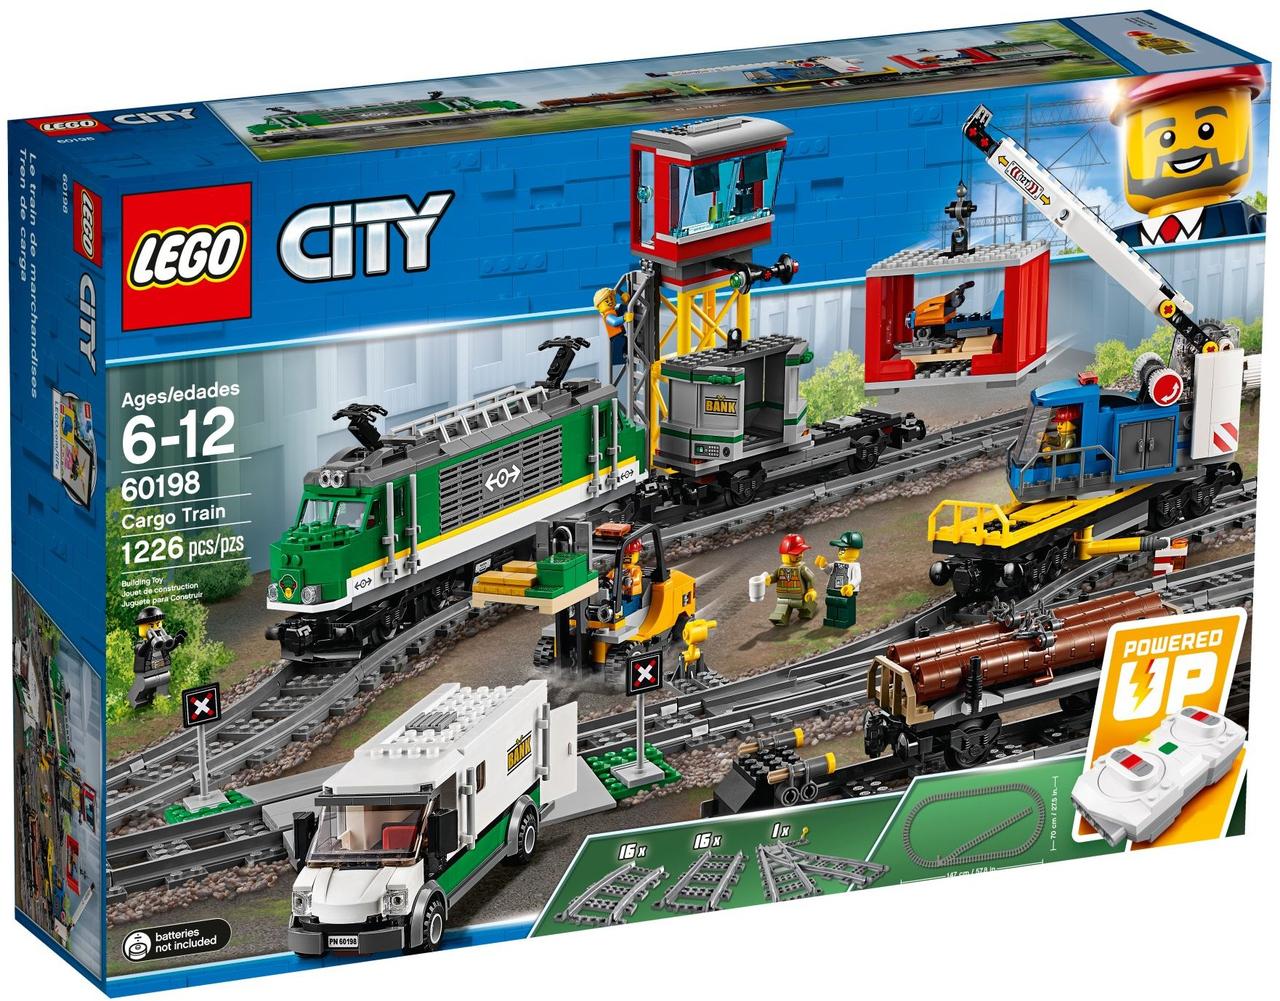 60198 Lego City Товарный поезд, Лего Город Сити